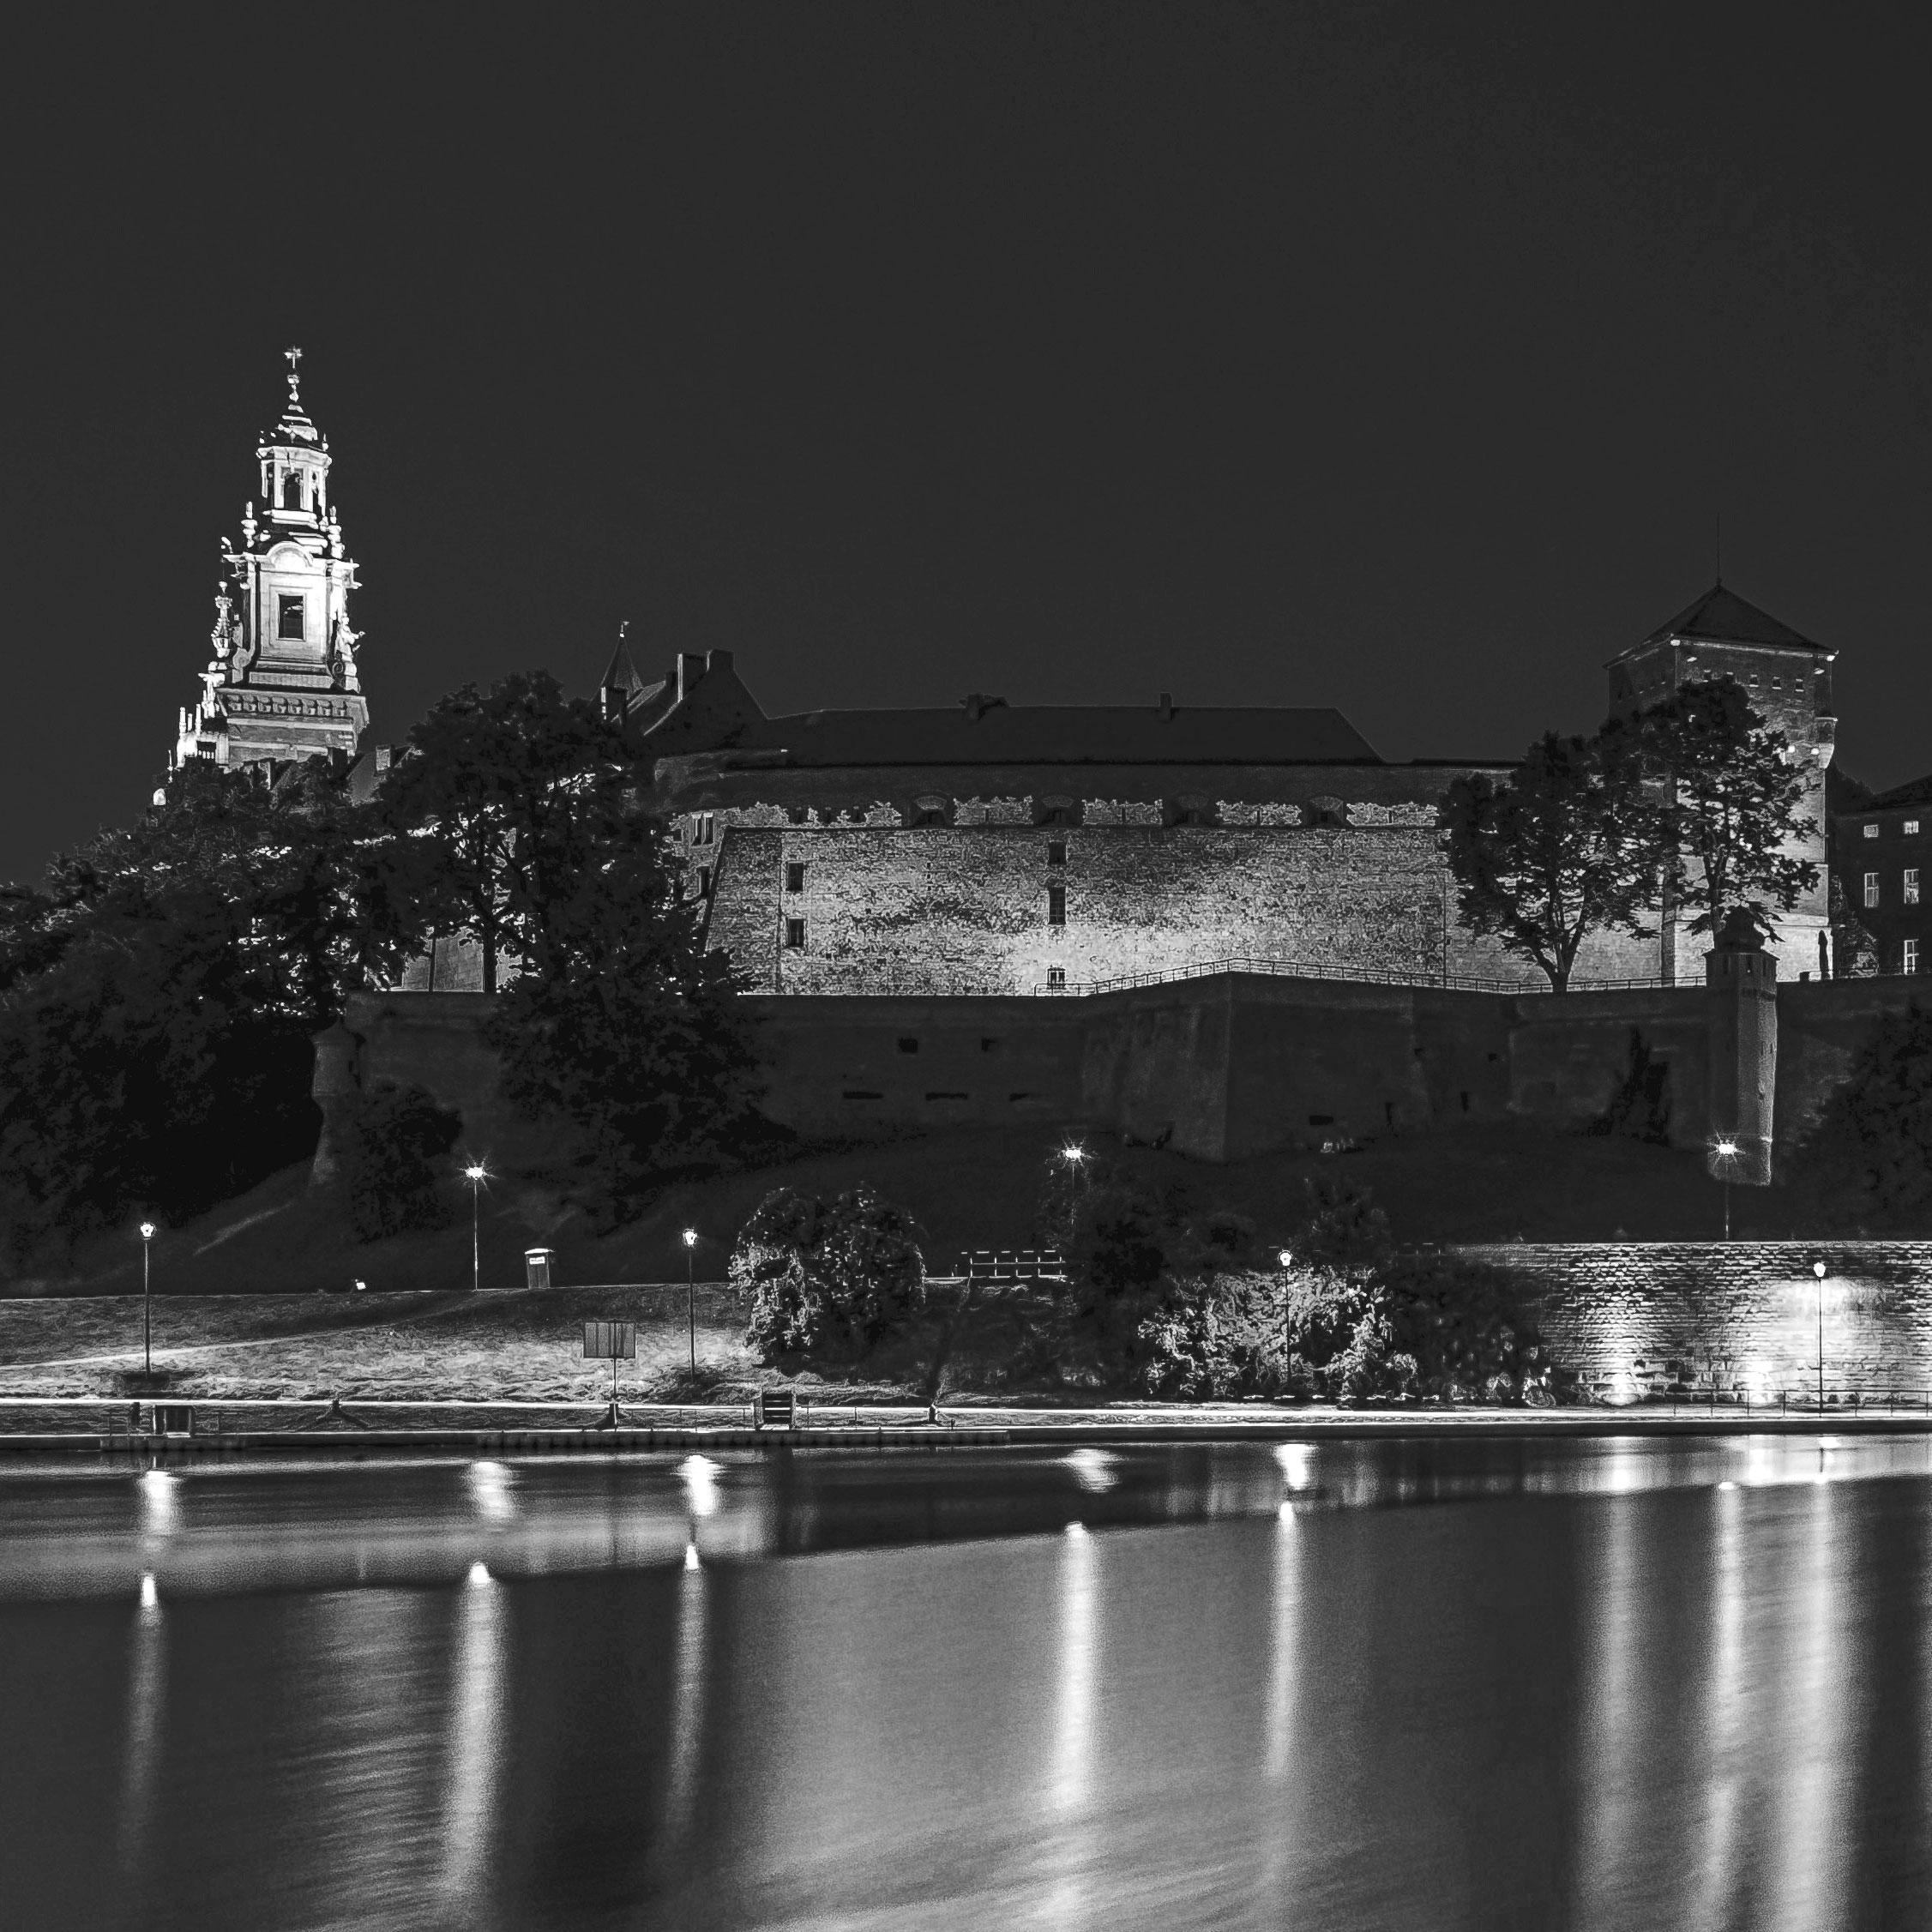 zamek wawel czarno białe